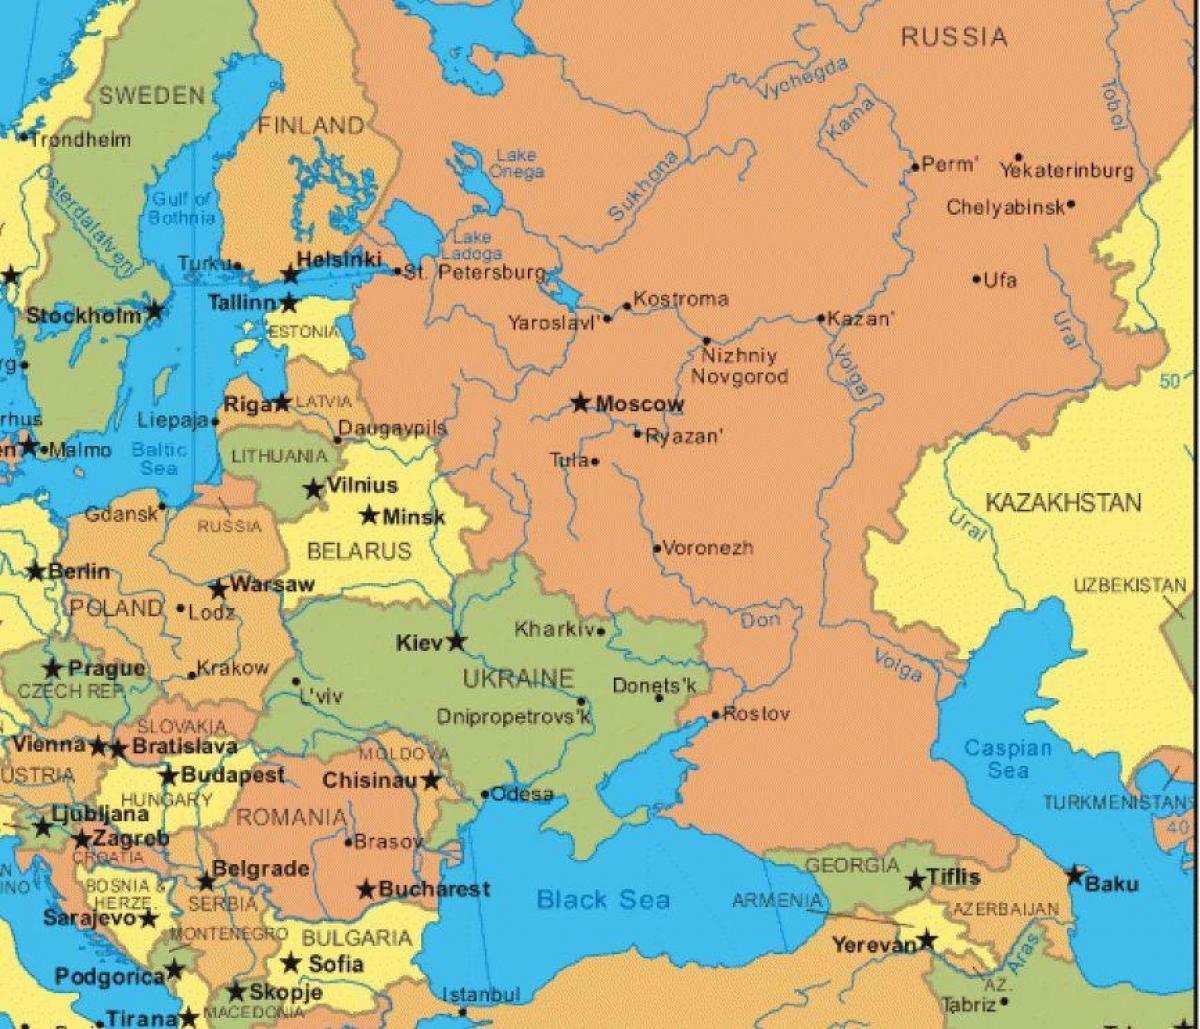 Karta Iz Rusije I Istocne Evrope Mapa Istocne Evrope I Rusija